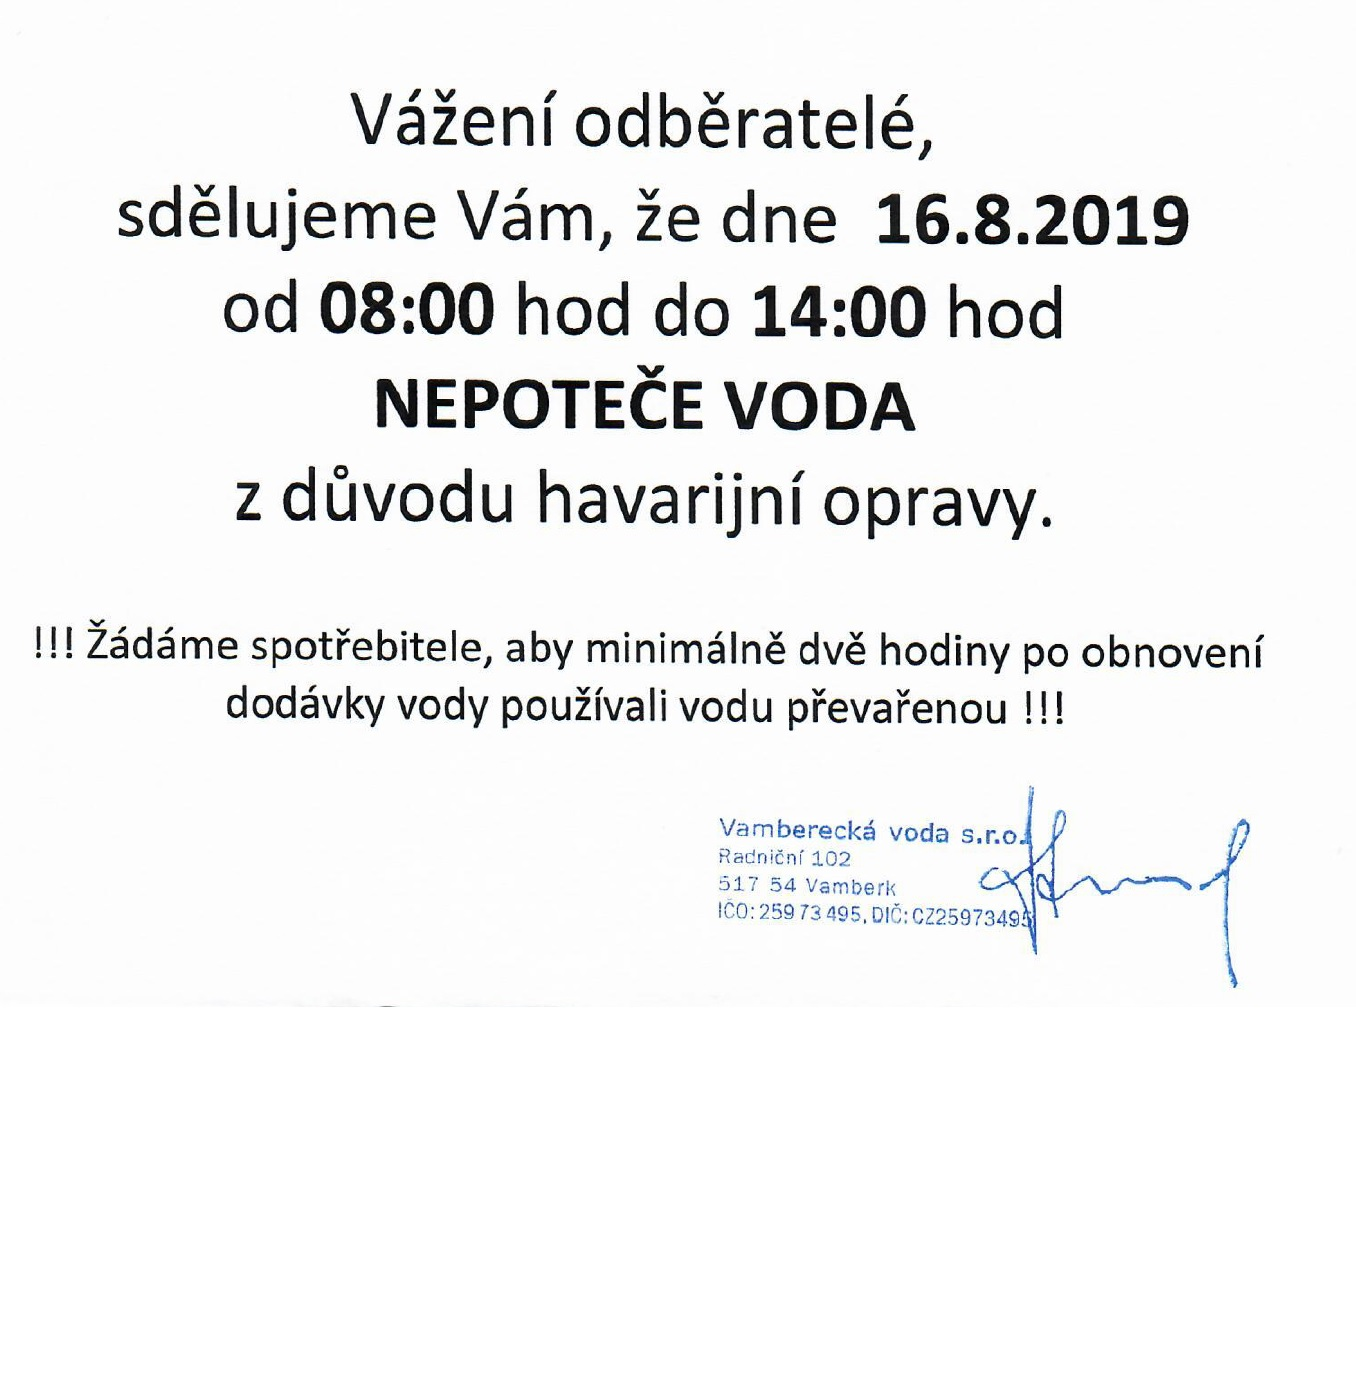 16.08.2019 - Nepoteče voda